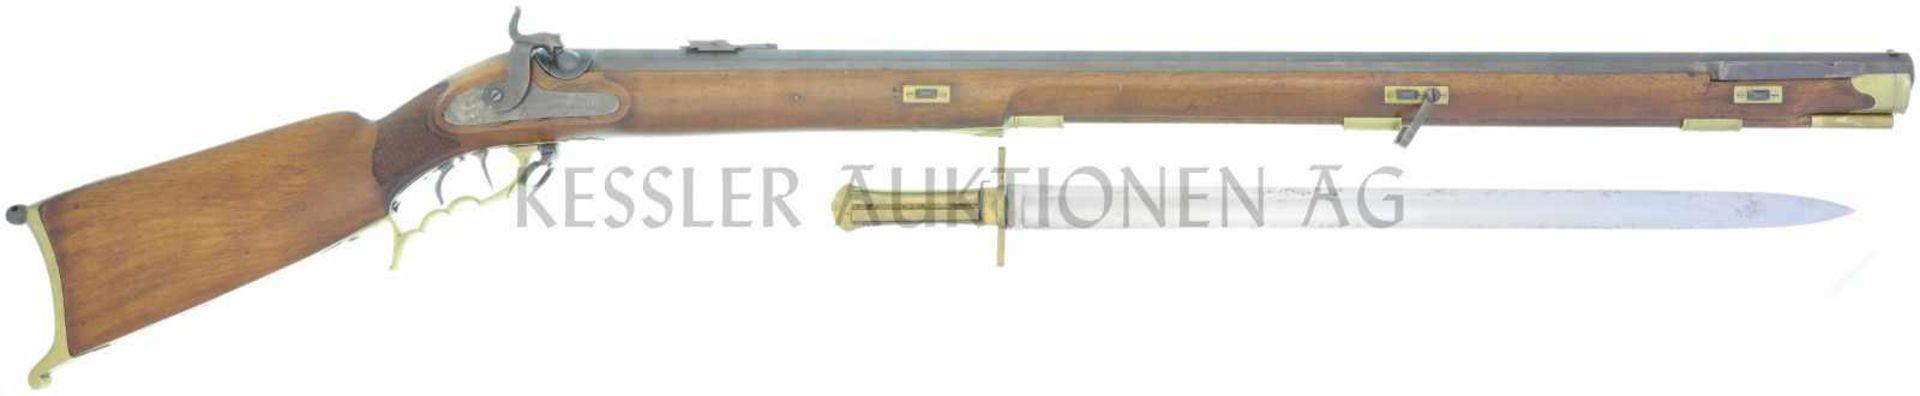 Perkussionsstutzer um 1840, Scharfschützen AG, Kal. 16mm LL 930mm, TL 1310mm, schwerer, gezogener